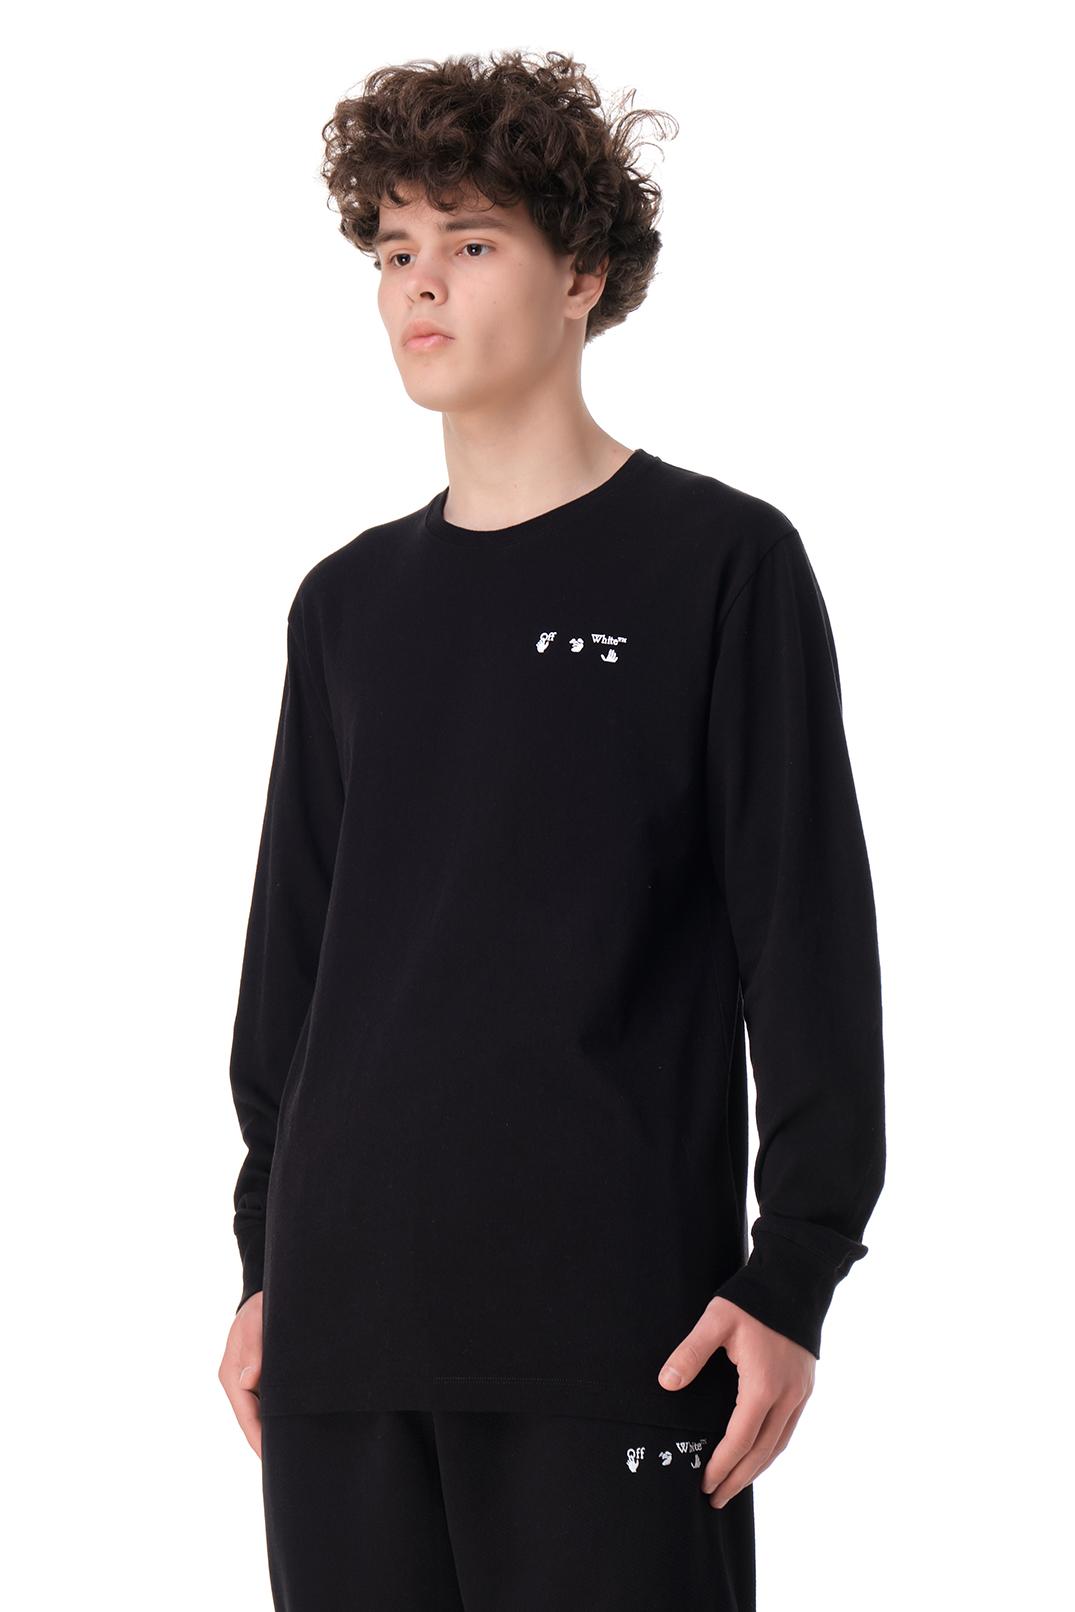 Лонгслив oversize c логотипом OFF-WHITE OWm11009